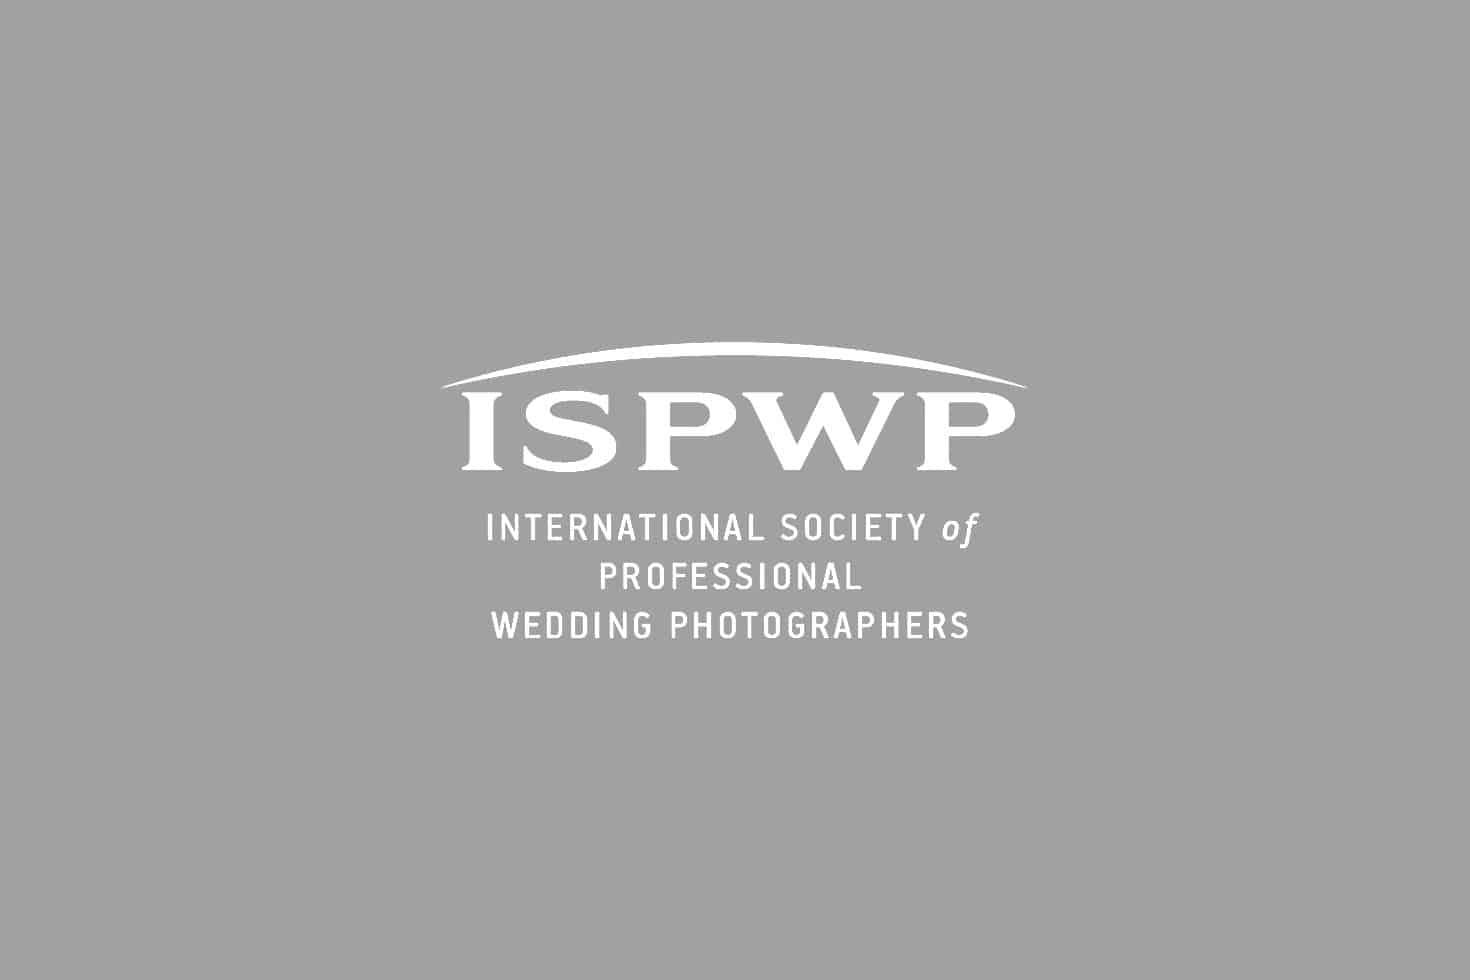 ispwp award winner